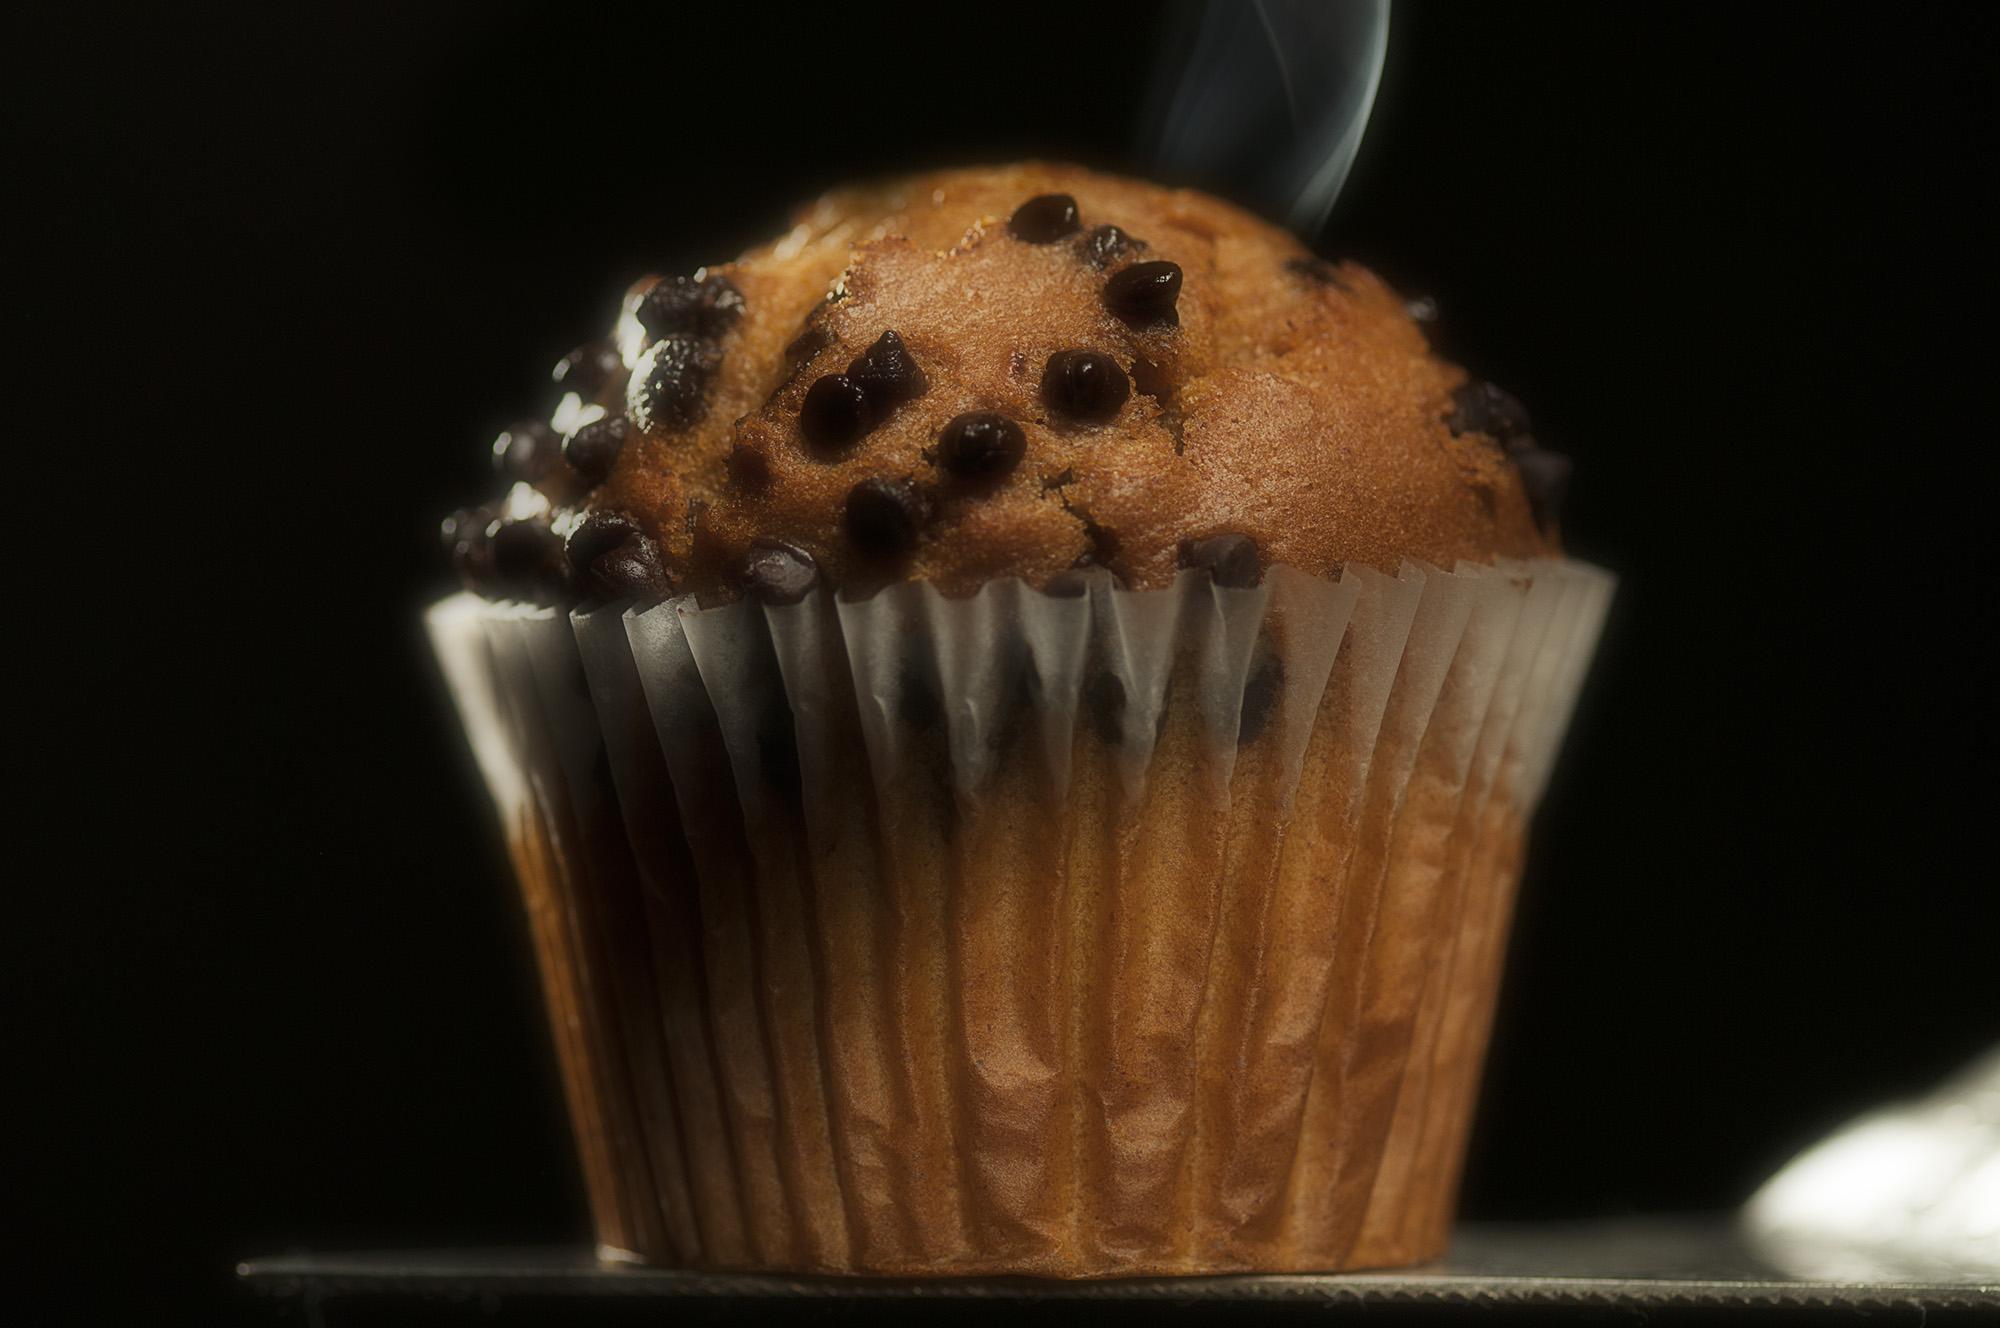 muffin02.jpg